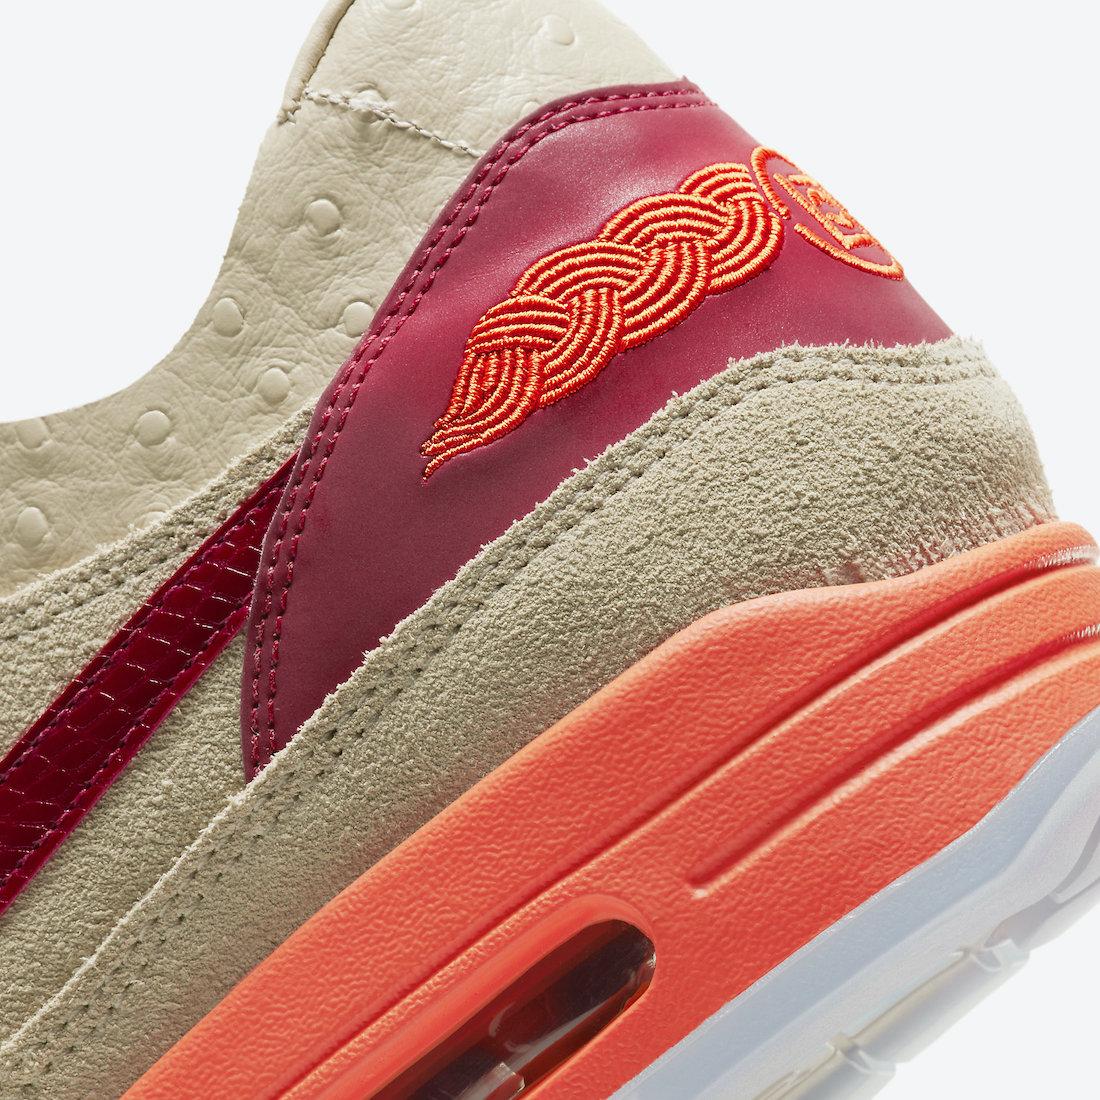 Clot Nike Air Max 1 Kiss of Death DD1870-100 2021 Release Date